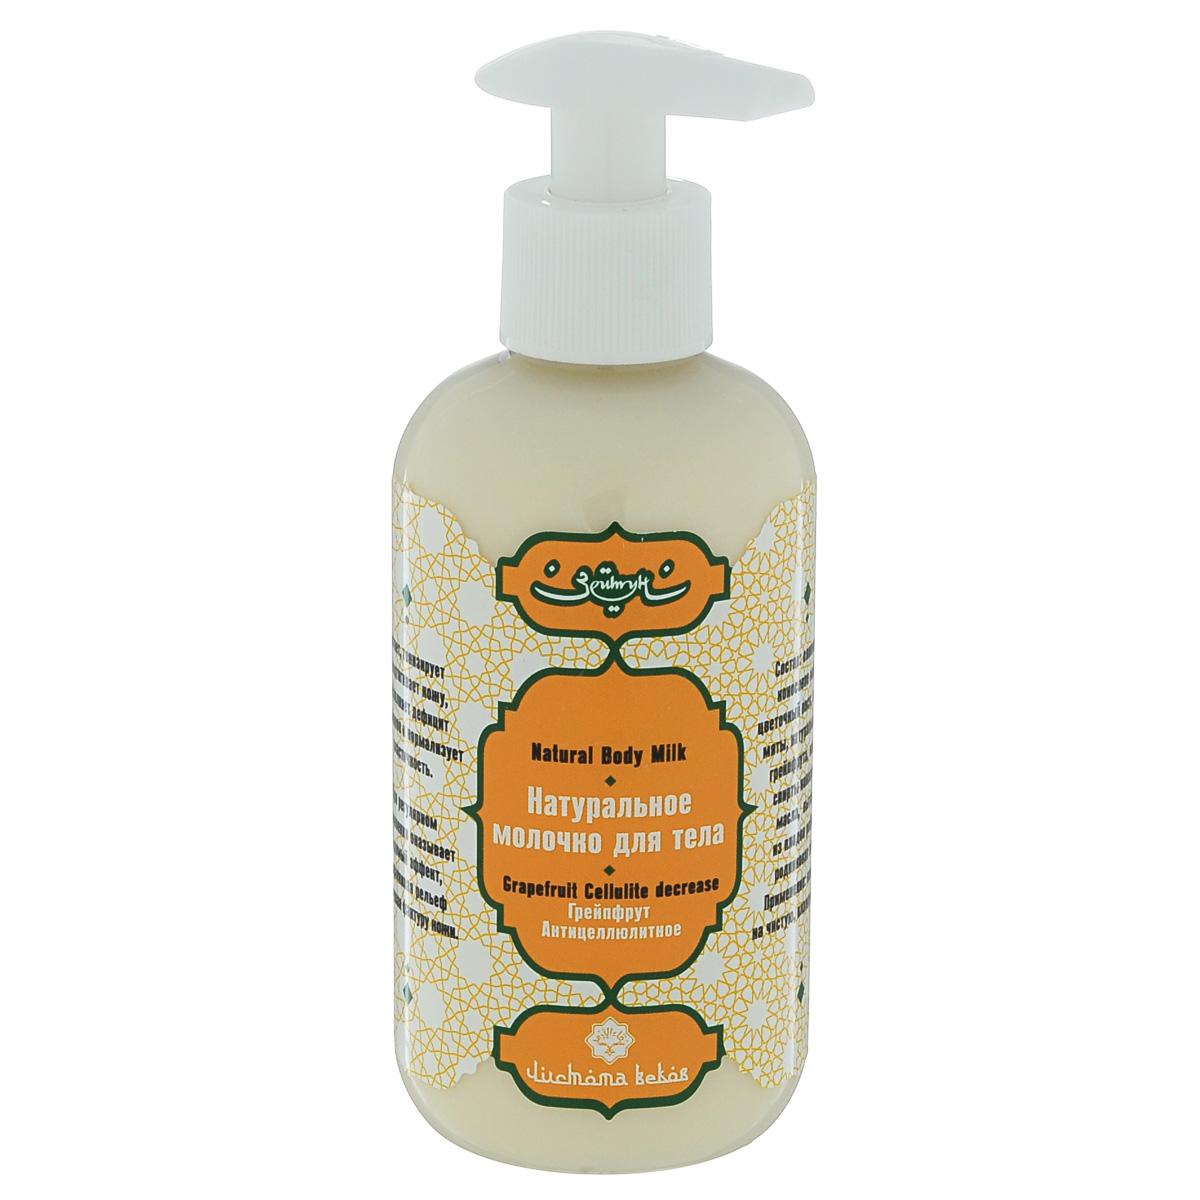 Зейтун Молочко для тела Грейпфрут, 200 млZ1405Питает, тонизирует и подтягивает кожу, восполняет дефицит витаминов и нормализует эластичность. При регулярном применении оказывает видимый эффект, выравнивая рельеф и улучшая фактуру кожи.